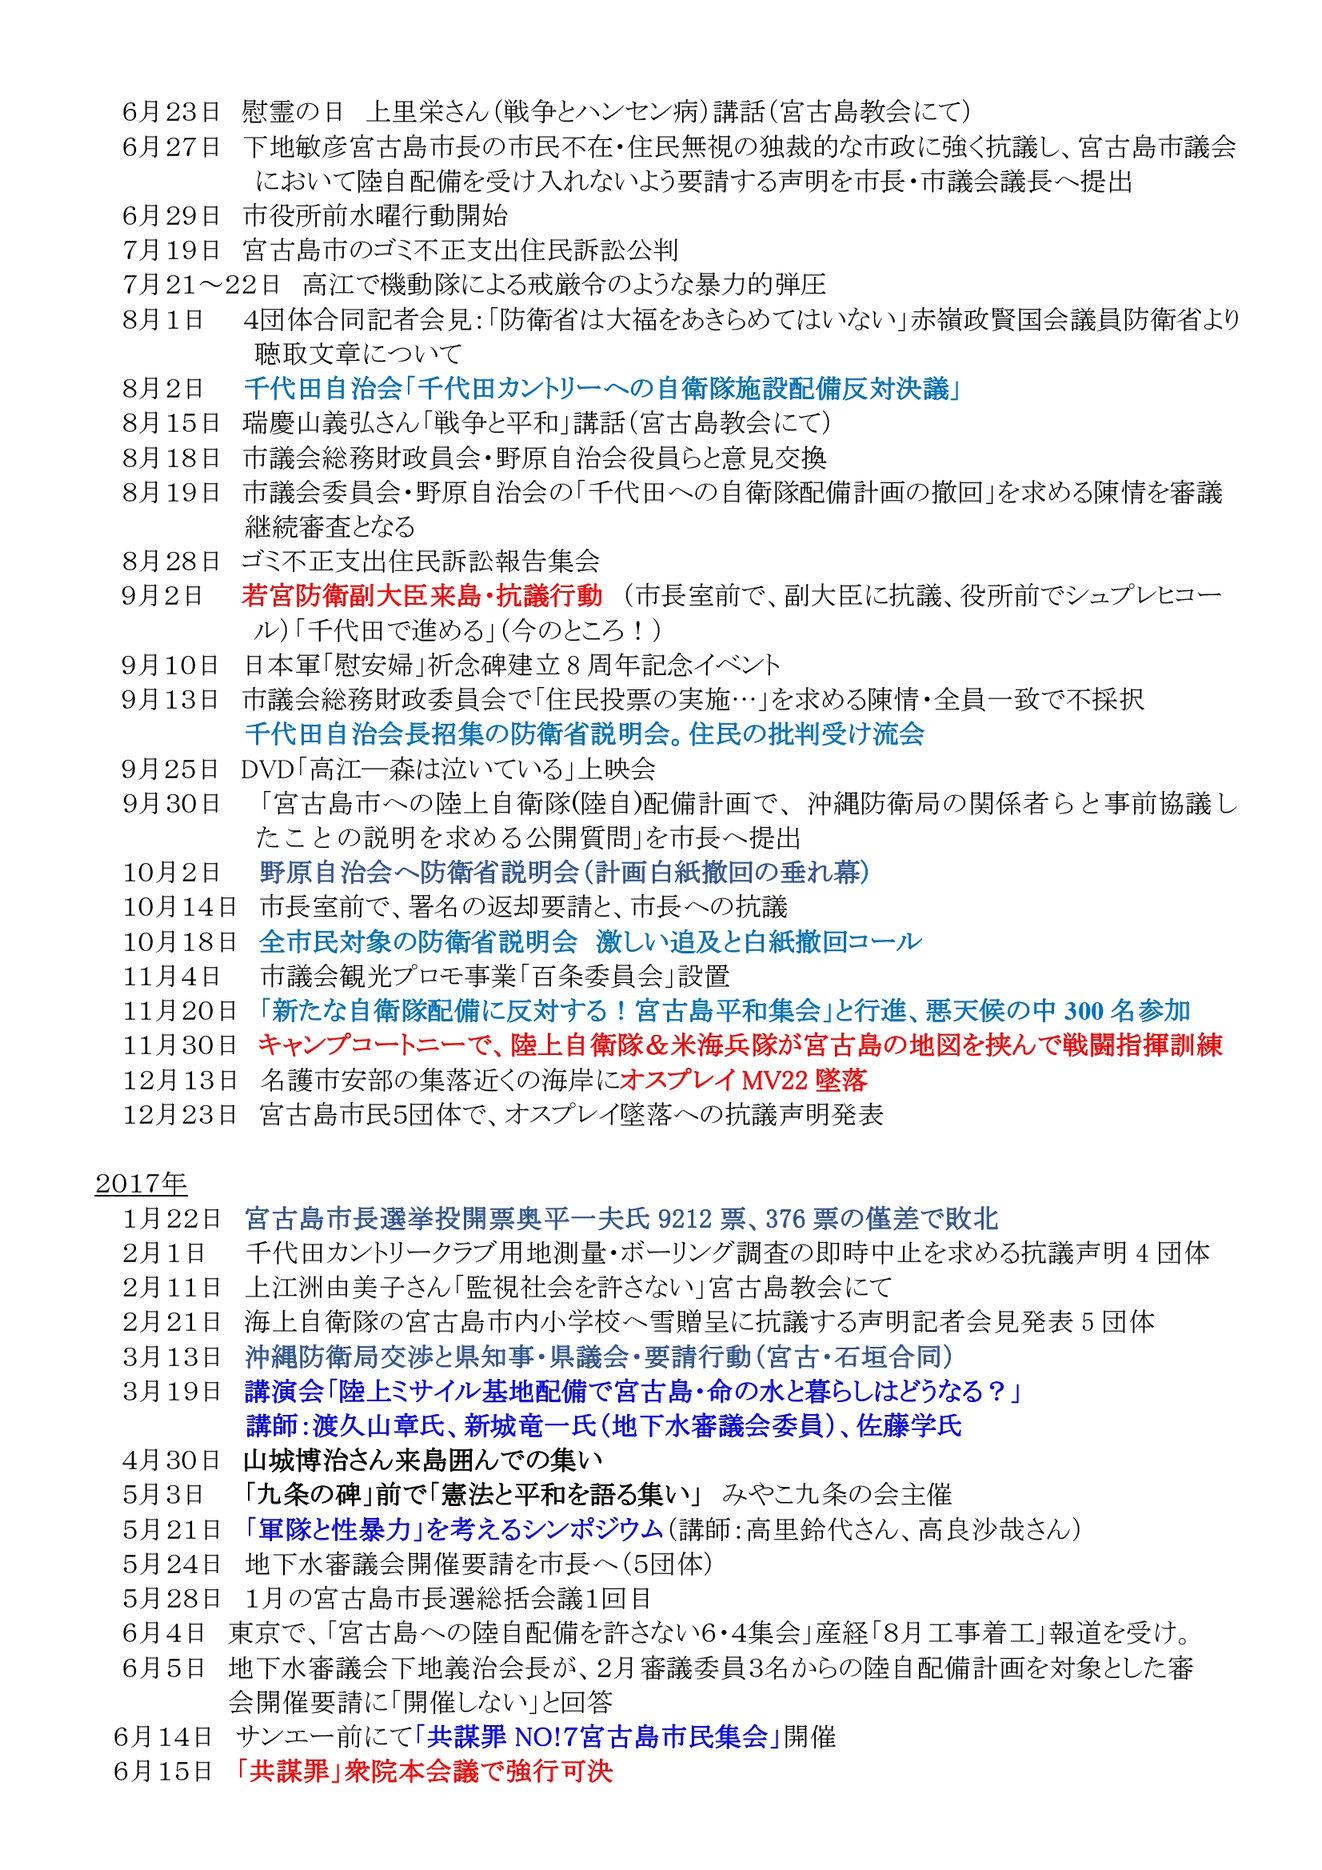 年表:宮古島における反軍反基地の闘い2010~2018 (1)0007[1]